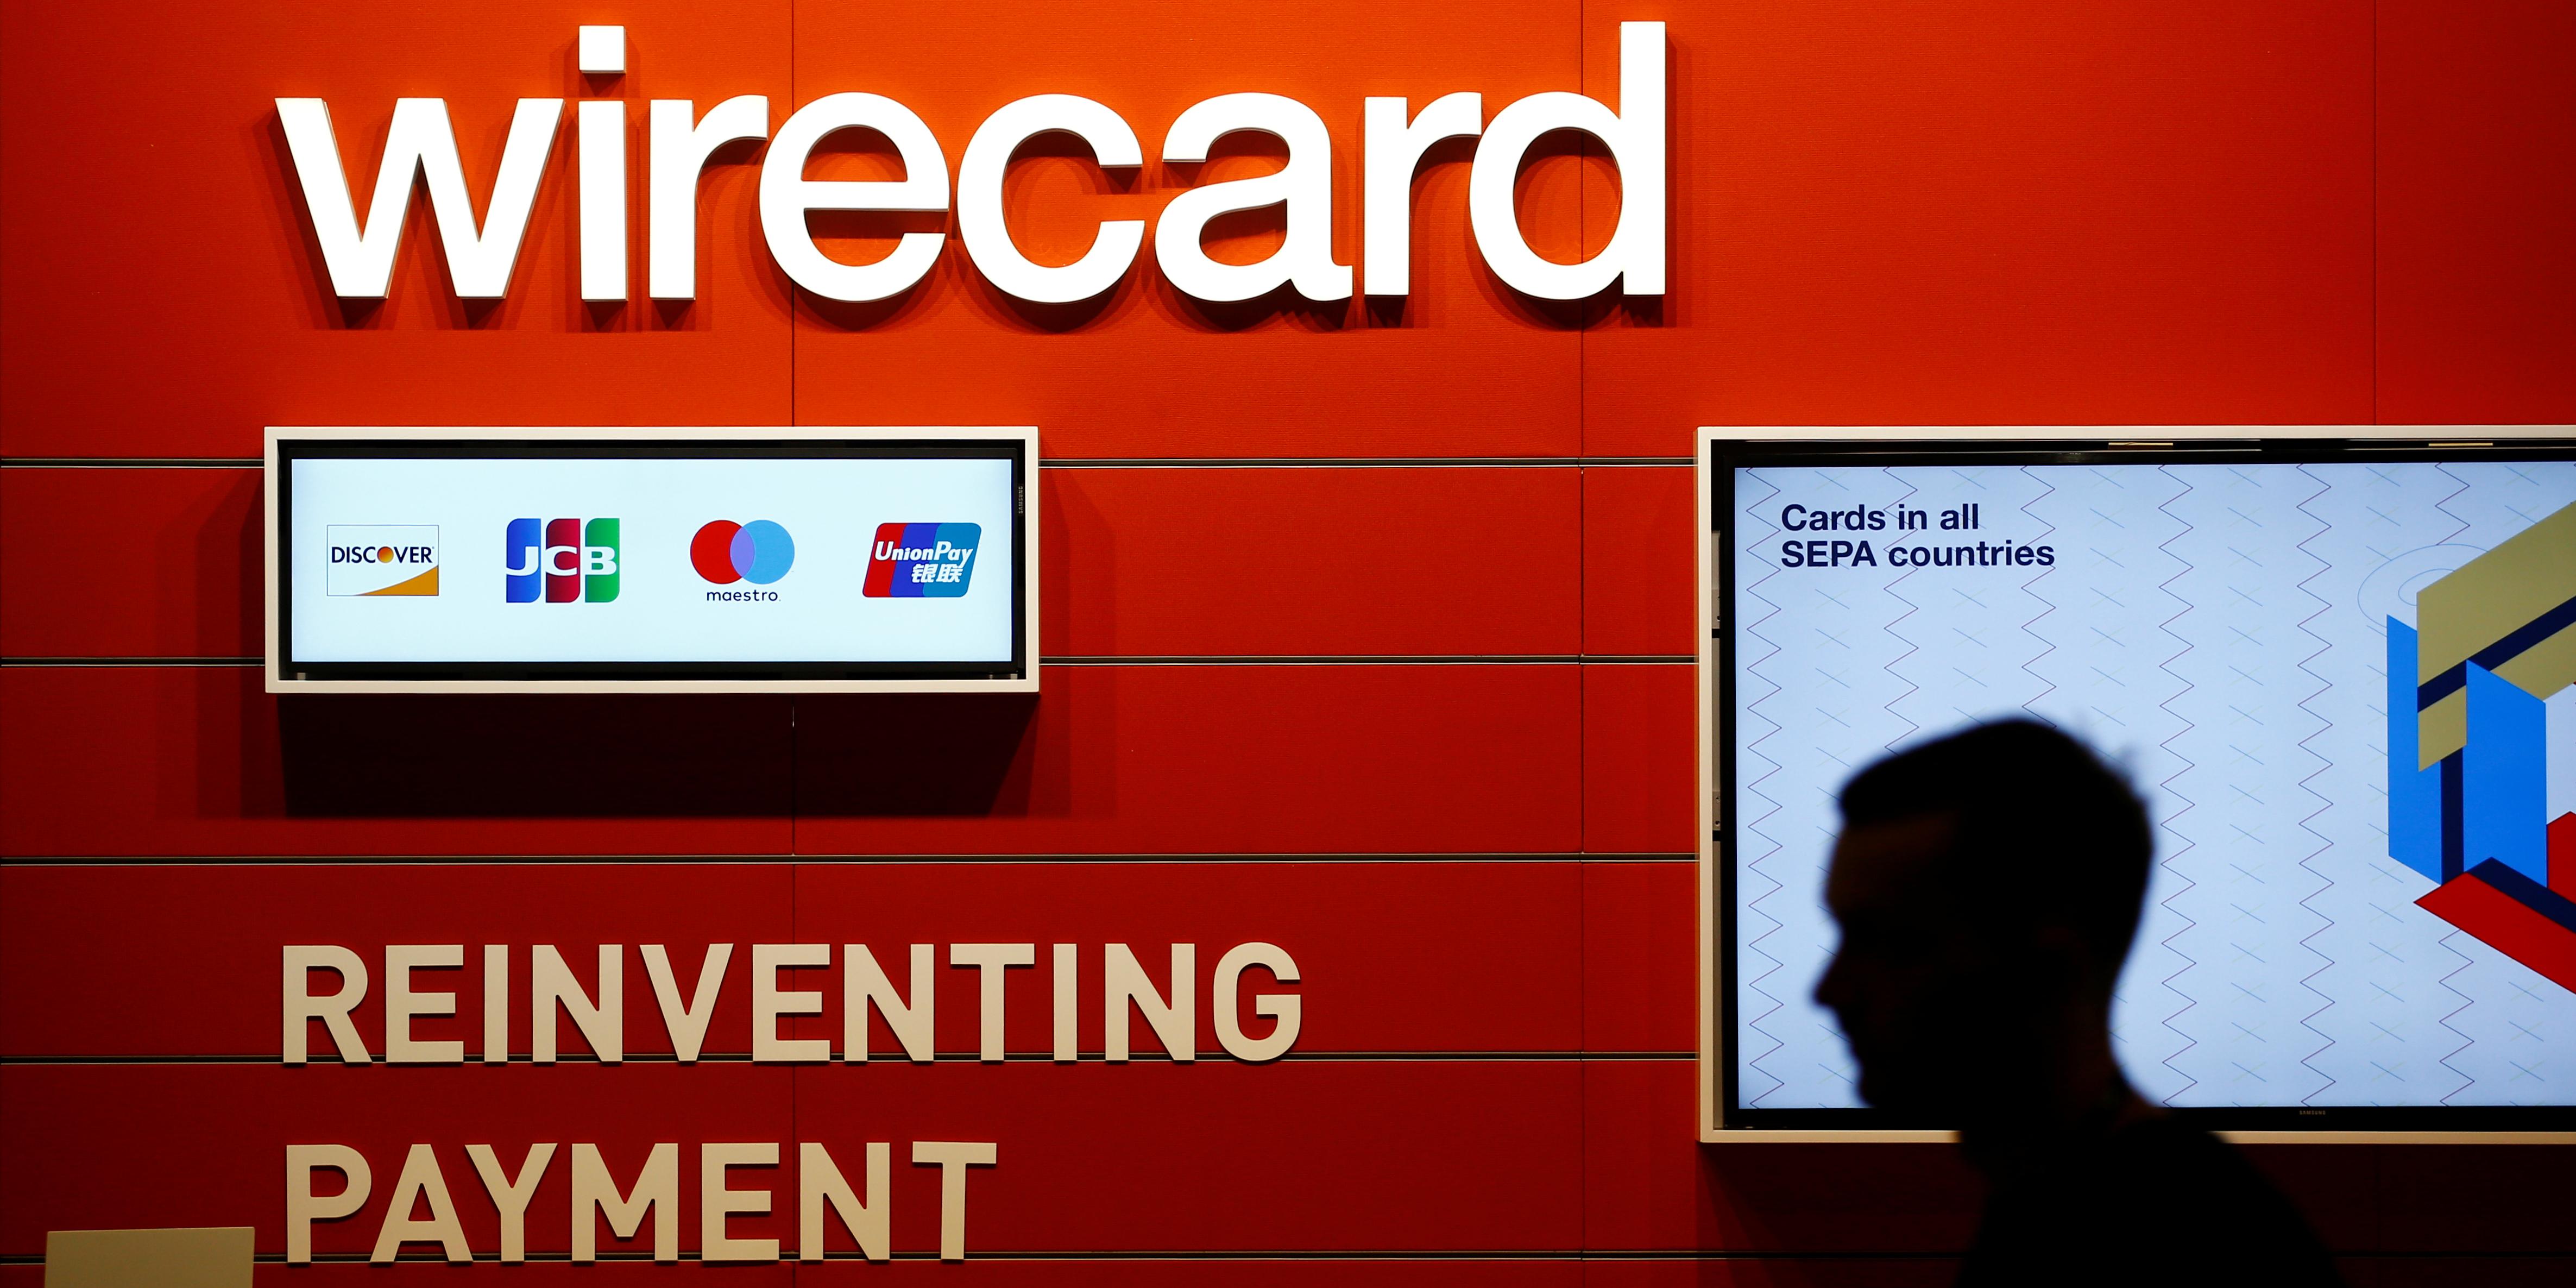 wirecard-dit-que-l-audit-externe-n-a-pas-trouve-d-irregularite 20190204150411